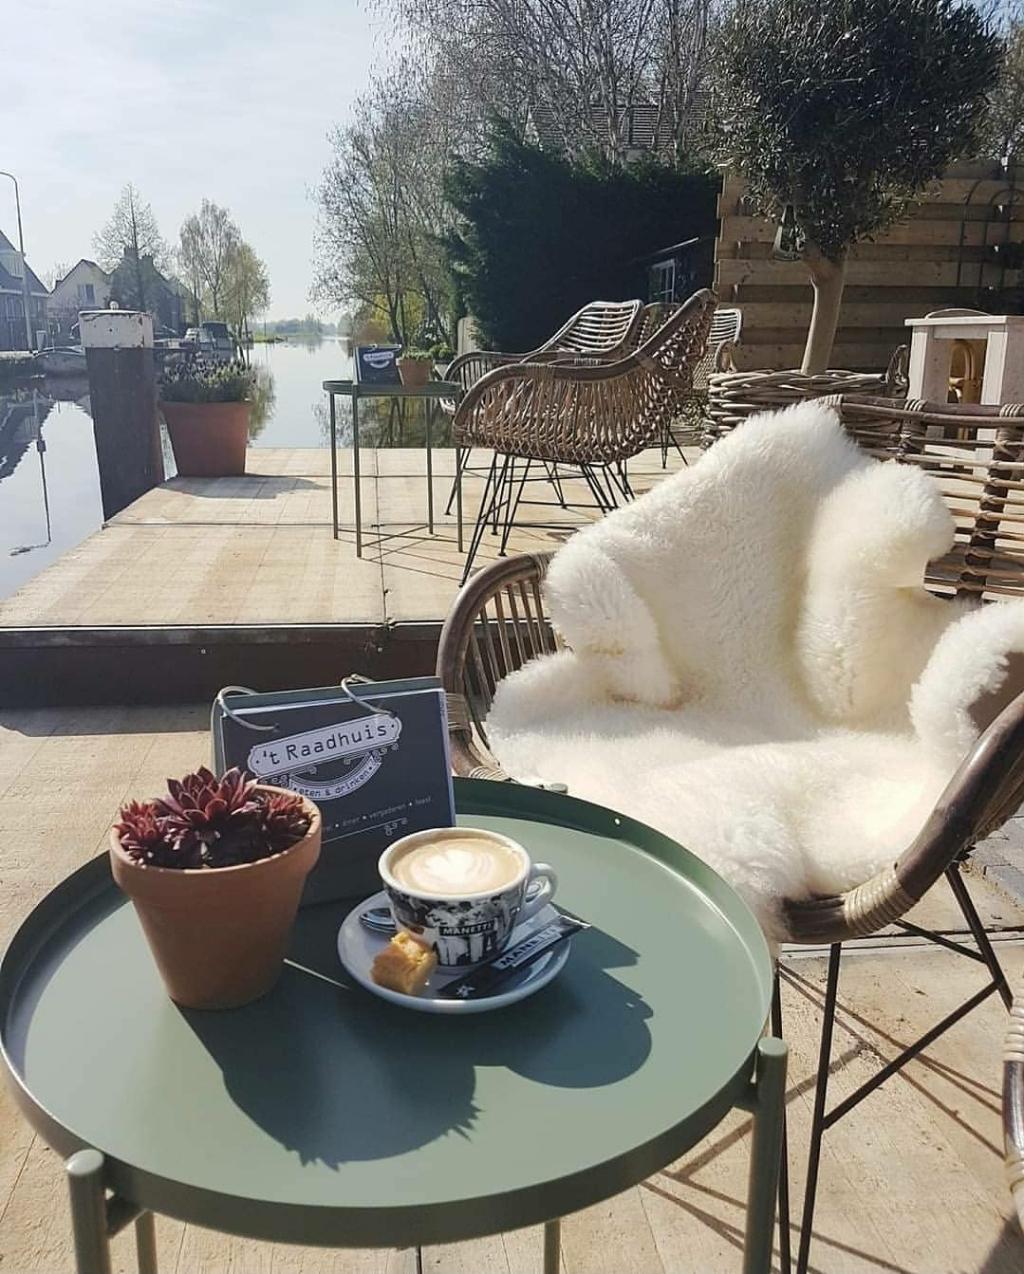 • Vanaf maandag 1 juni kunnen bezoekers weer terecht op het terras én in het restaurant van 't Raadhuis.